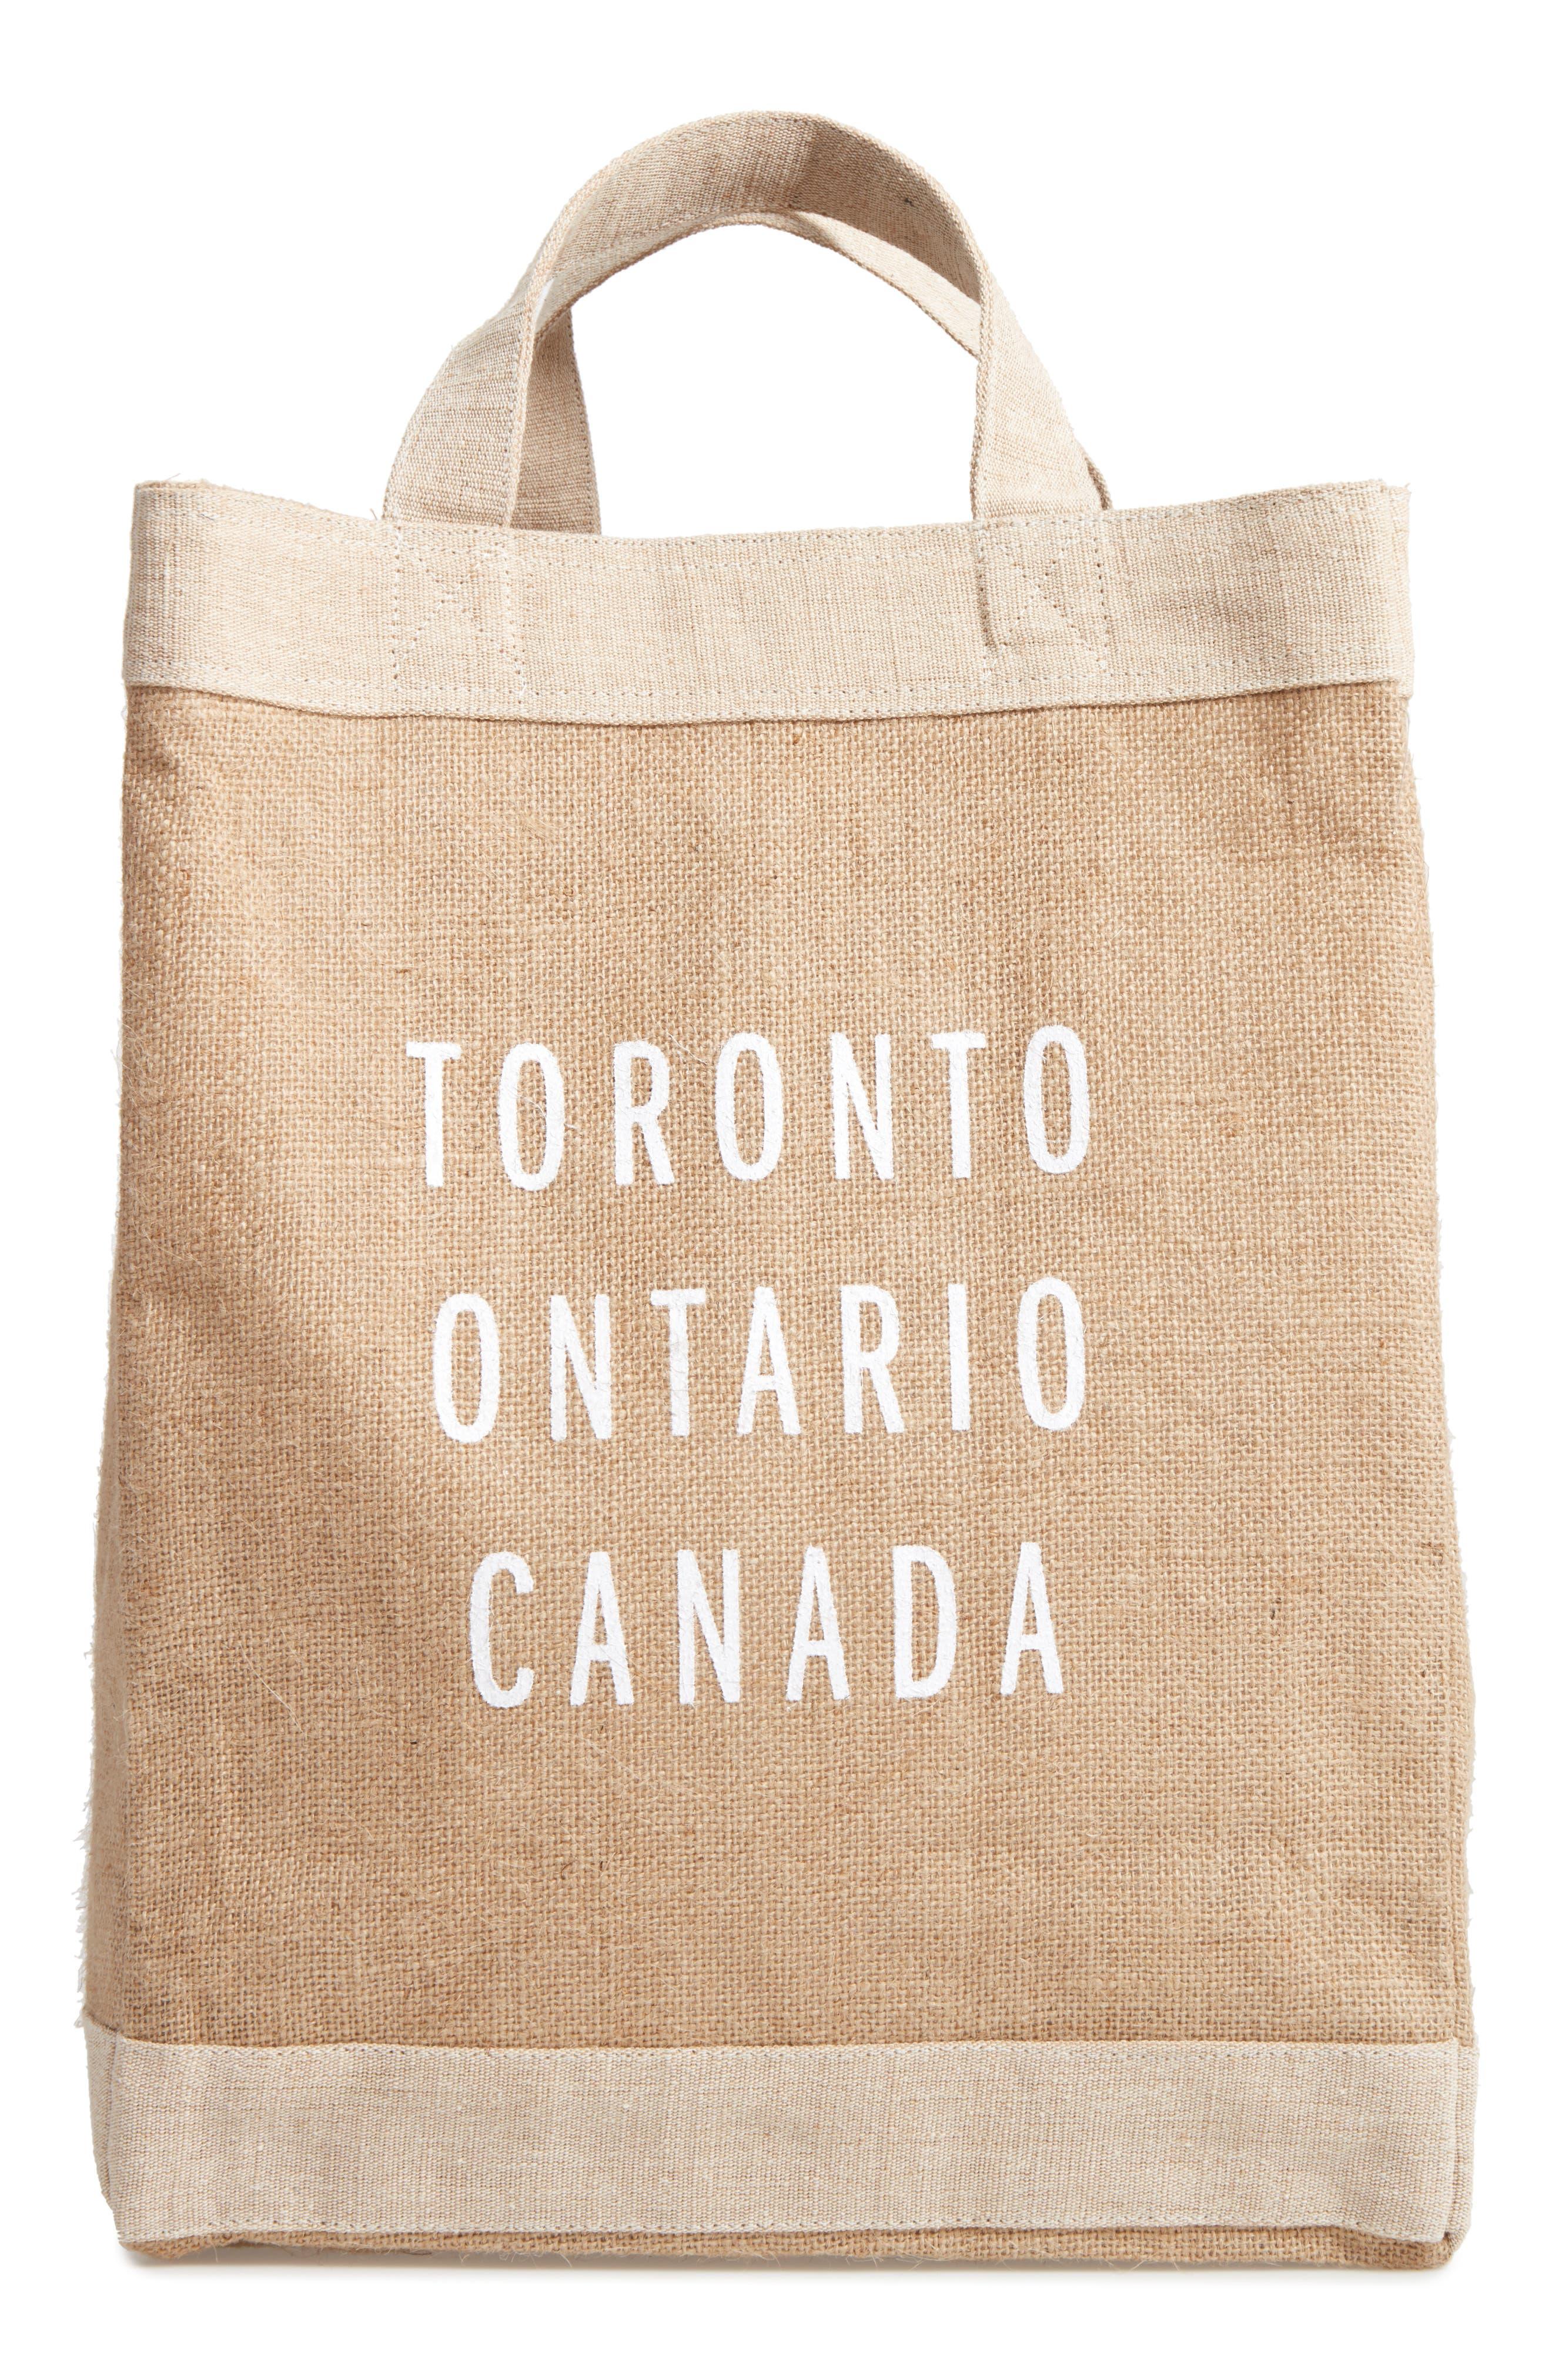 Toronto Simple Market Bag,                             Main thumbnail 1, color,                             Natural